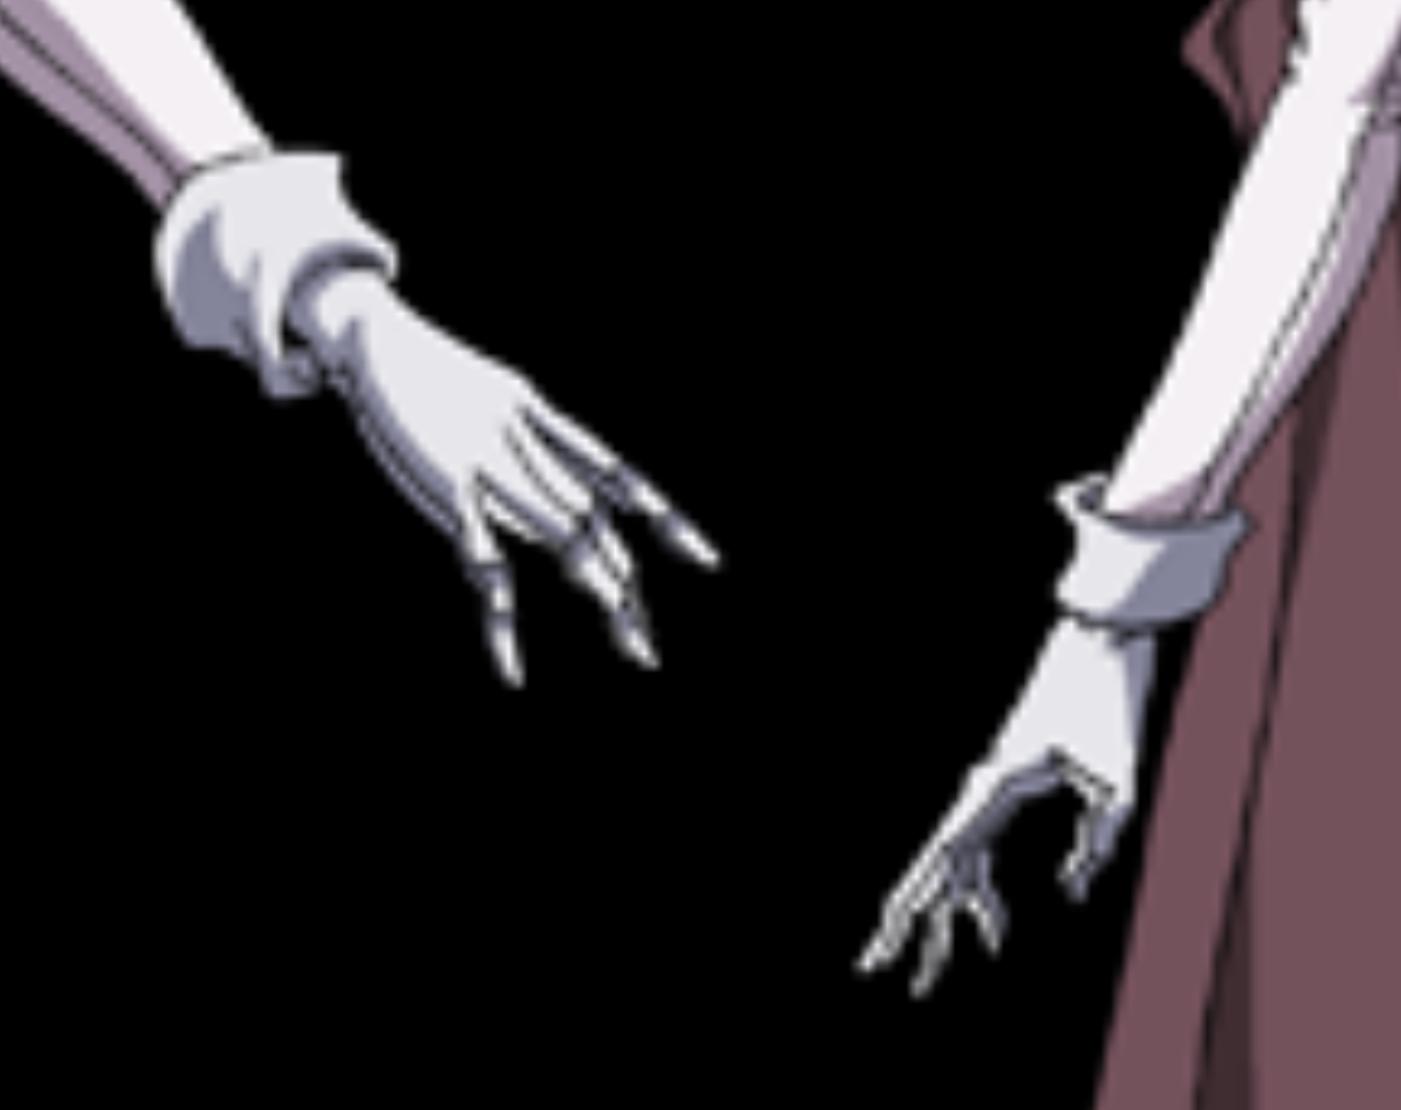 手首部分が広がっている(くしゃくしゃしている)手袋について